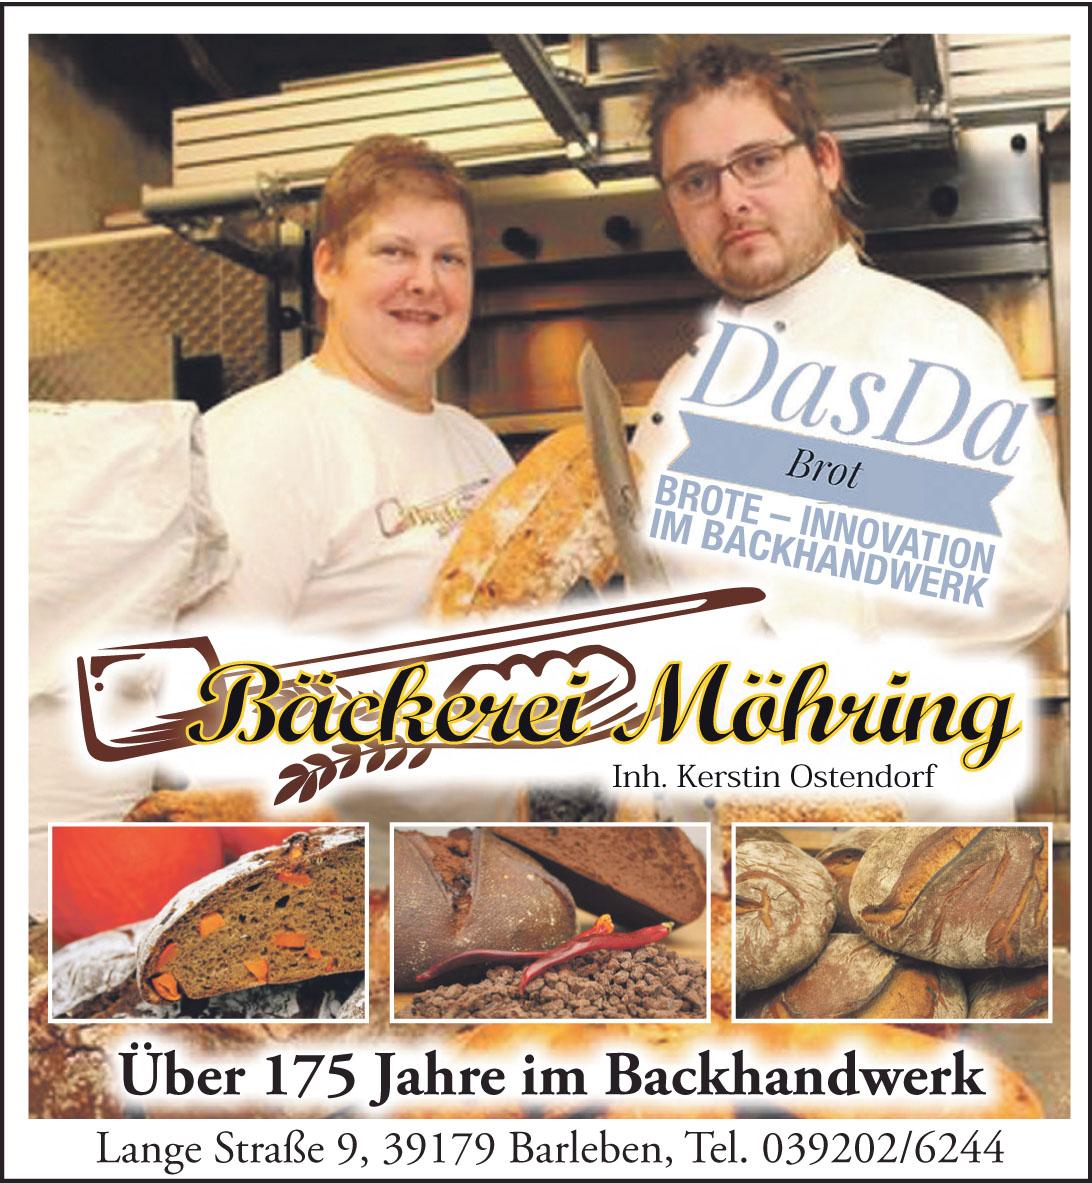 Bäckerei Möhring